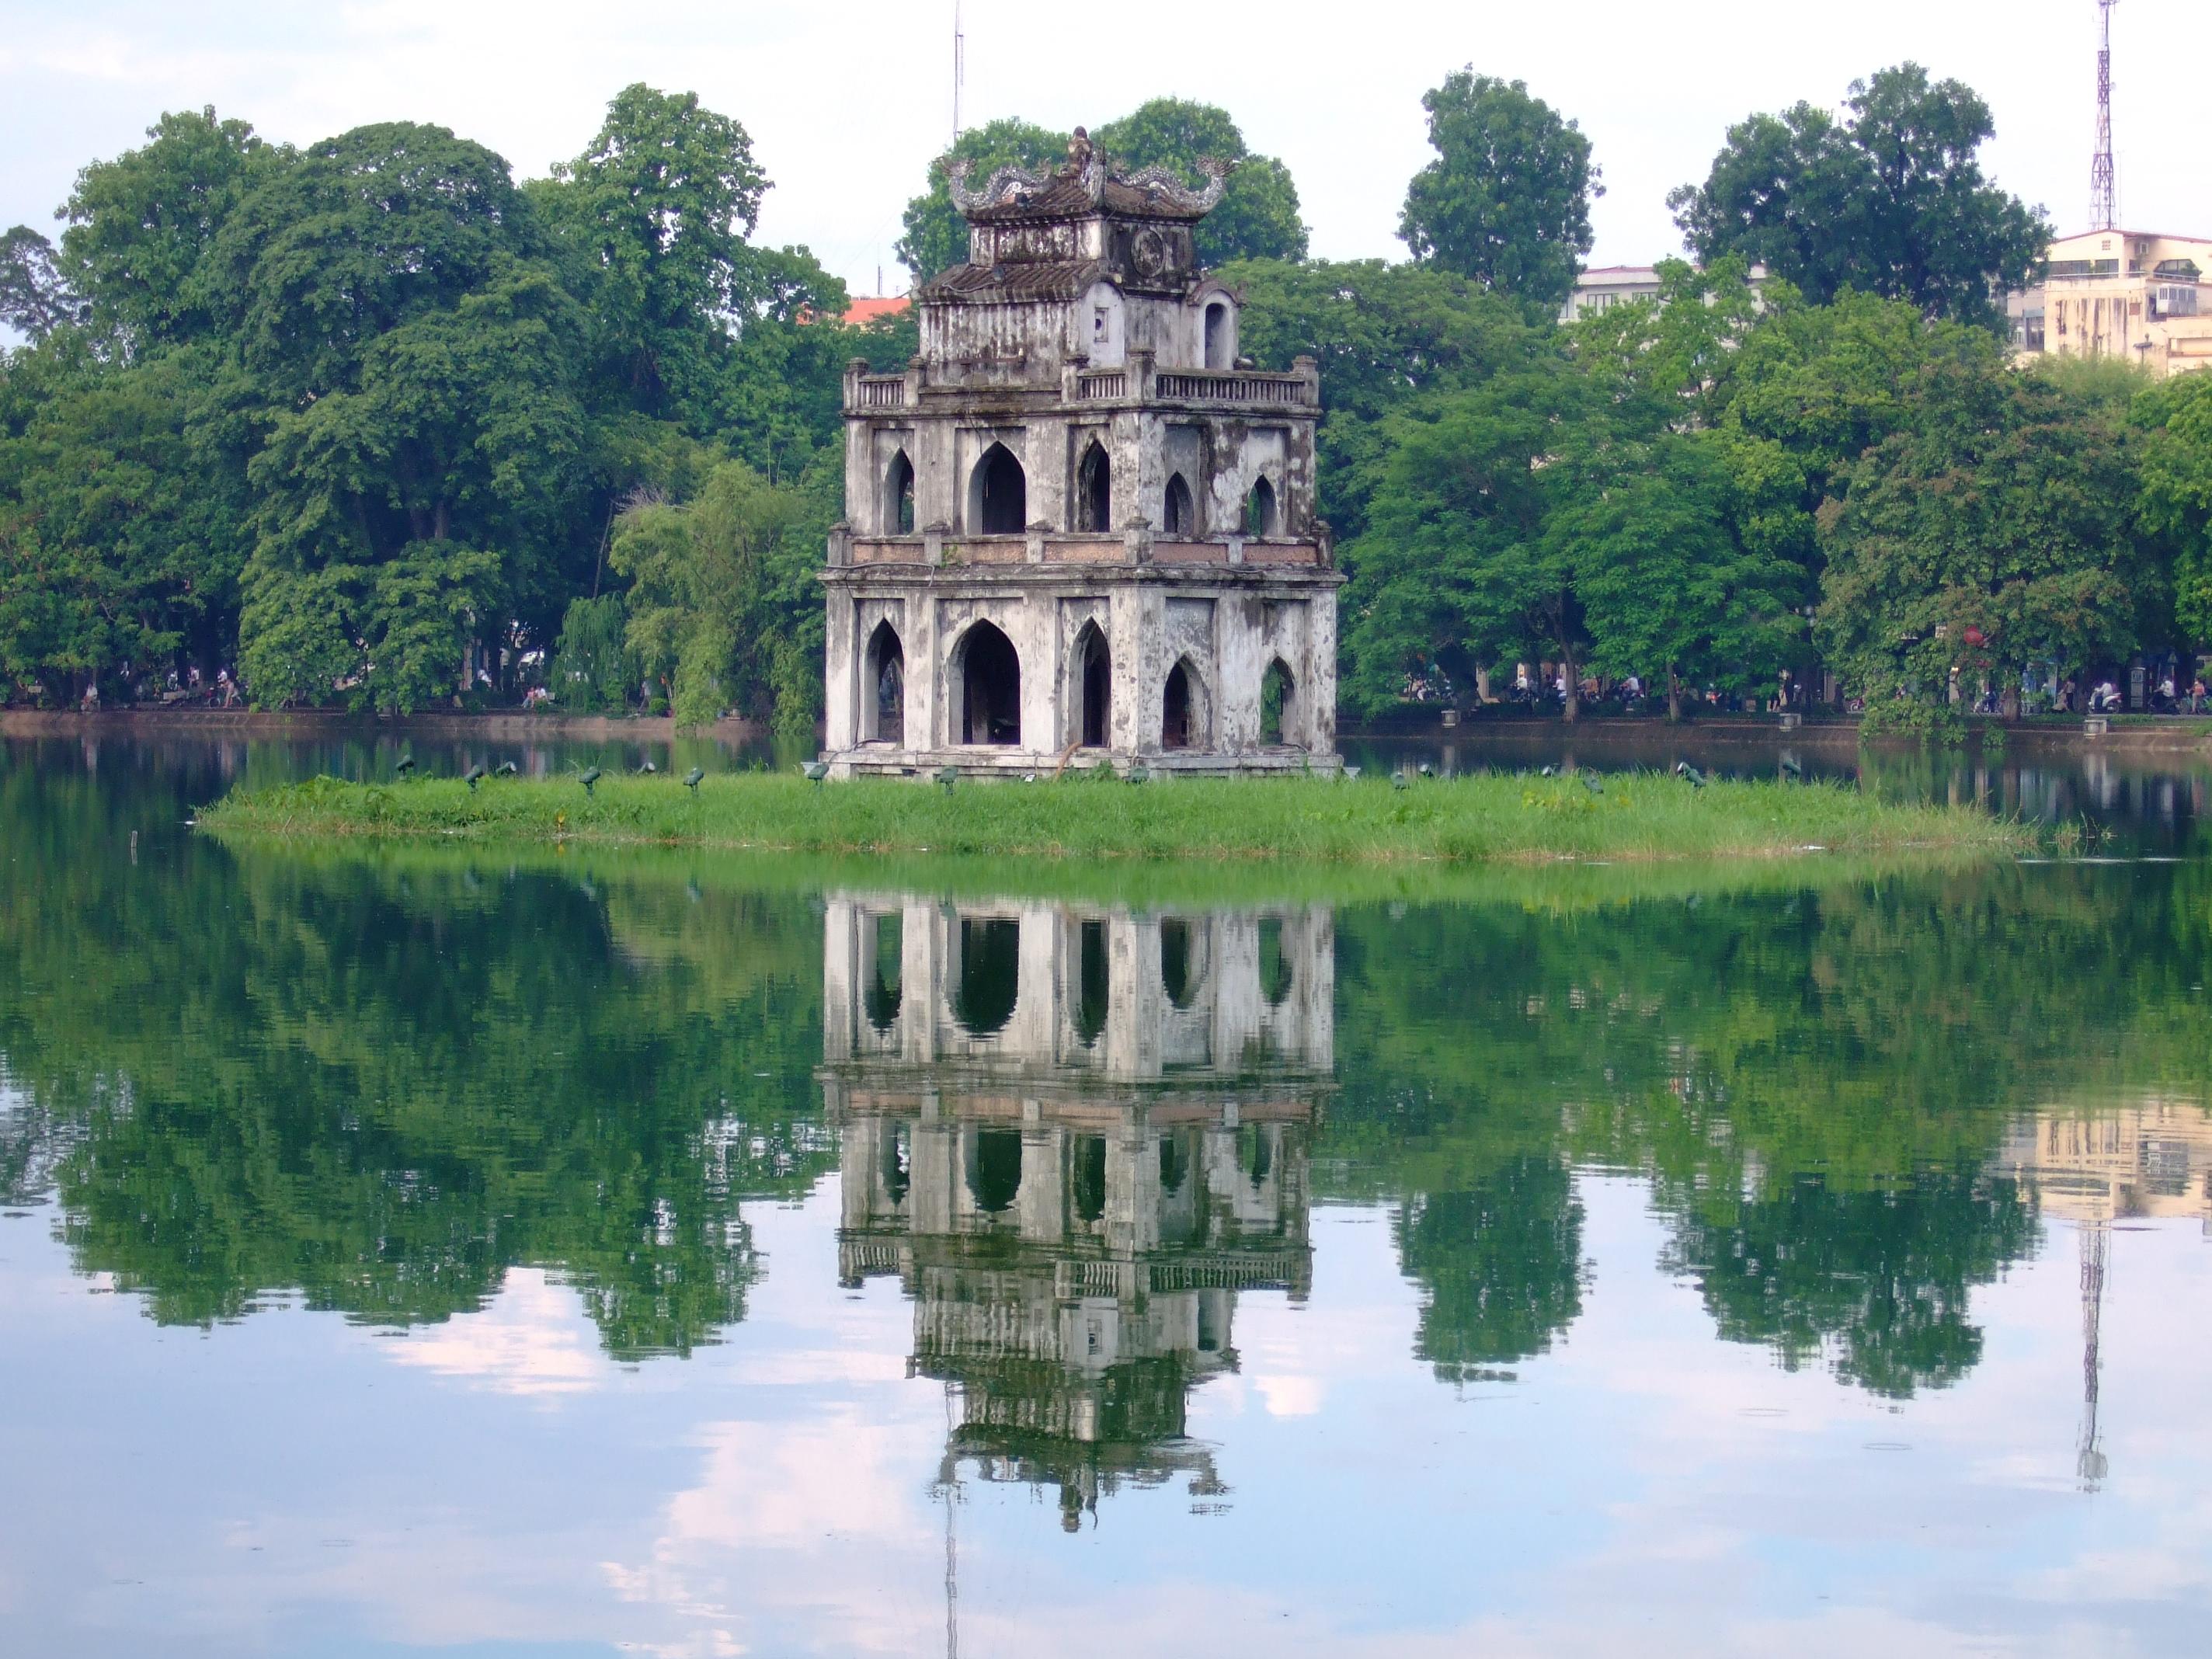 Bán nhớt Repsol giá rẻ tại Hà Nội